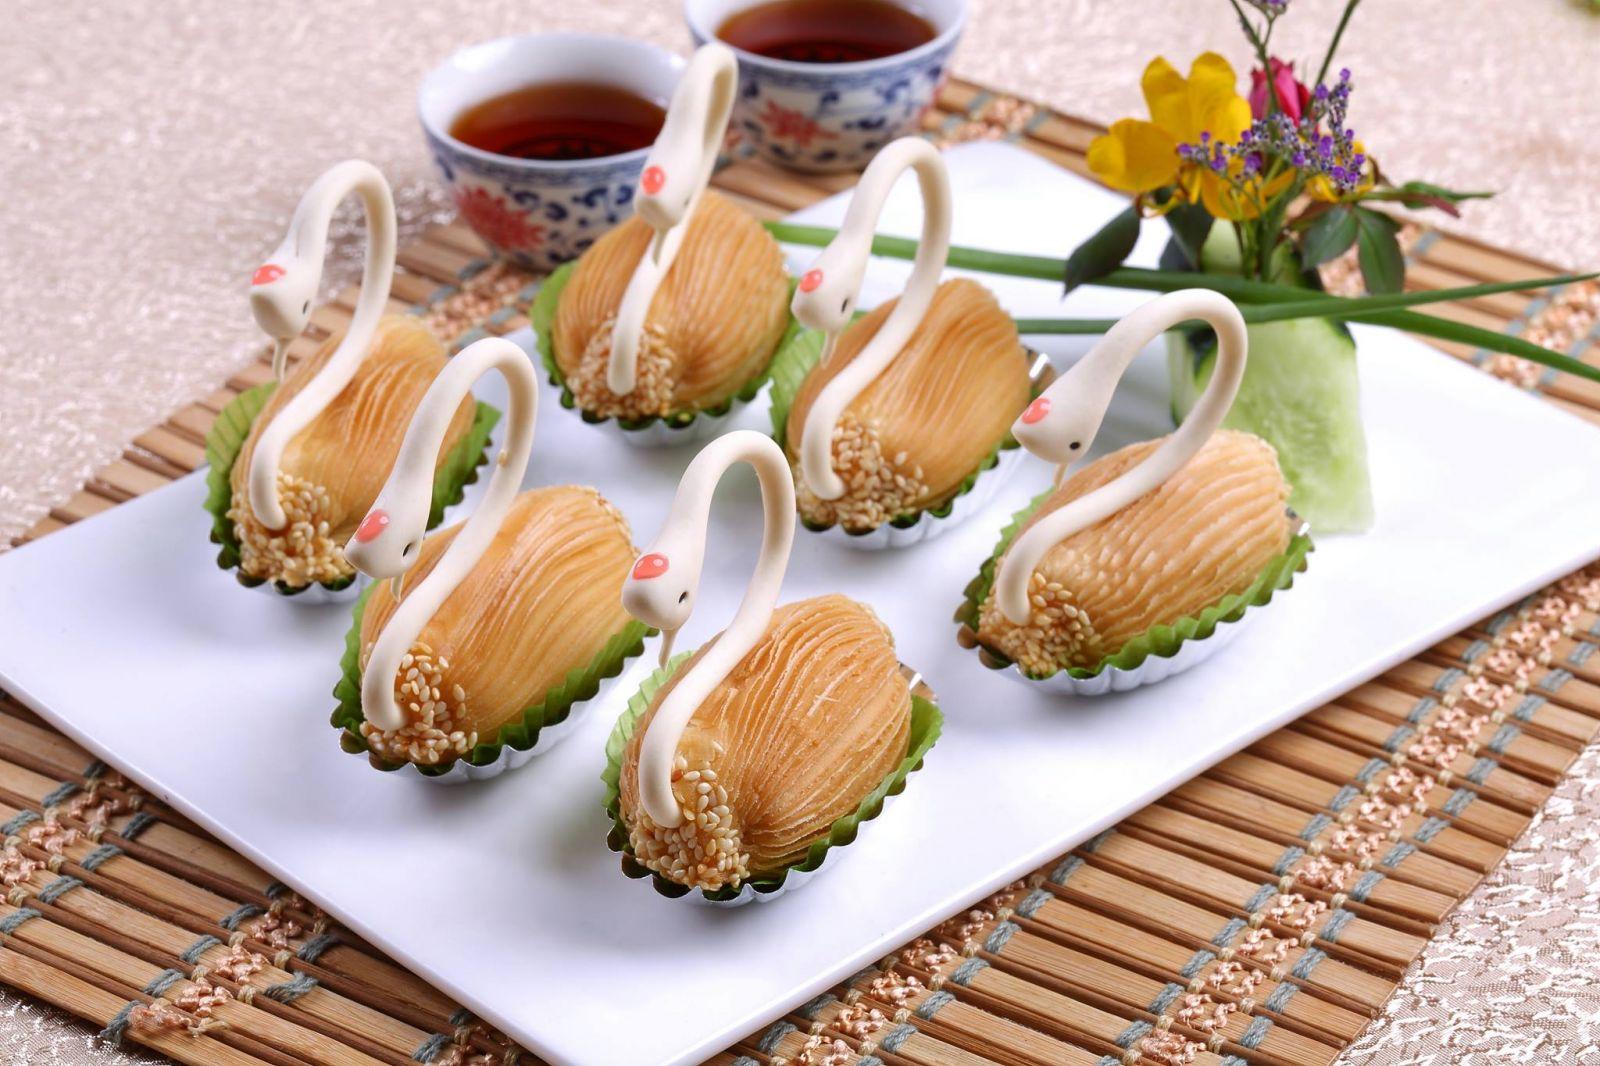 Kết quả hình ảnh cho Ẩm thực Thuận Đức